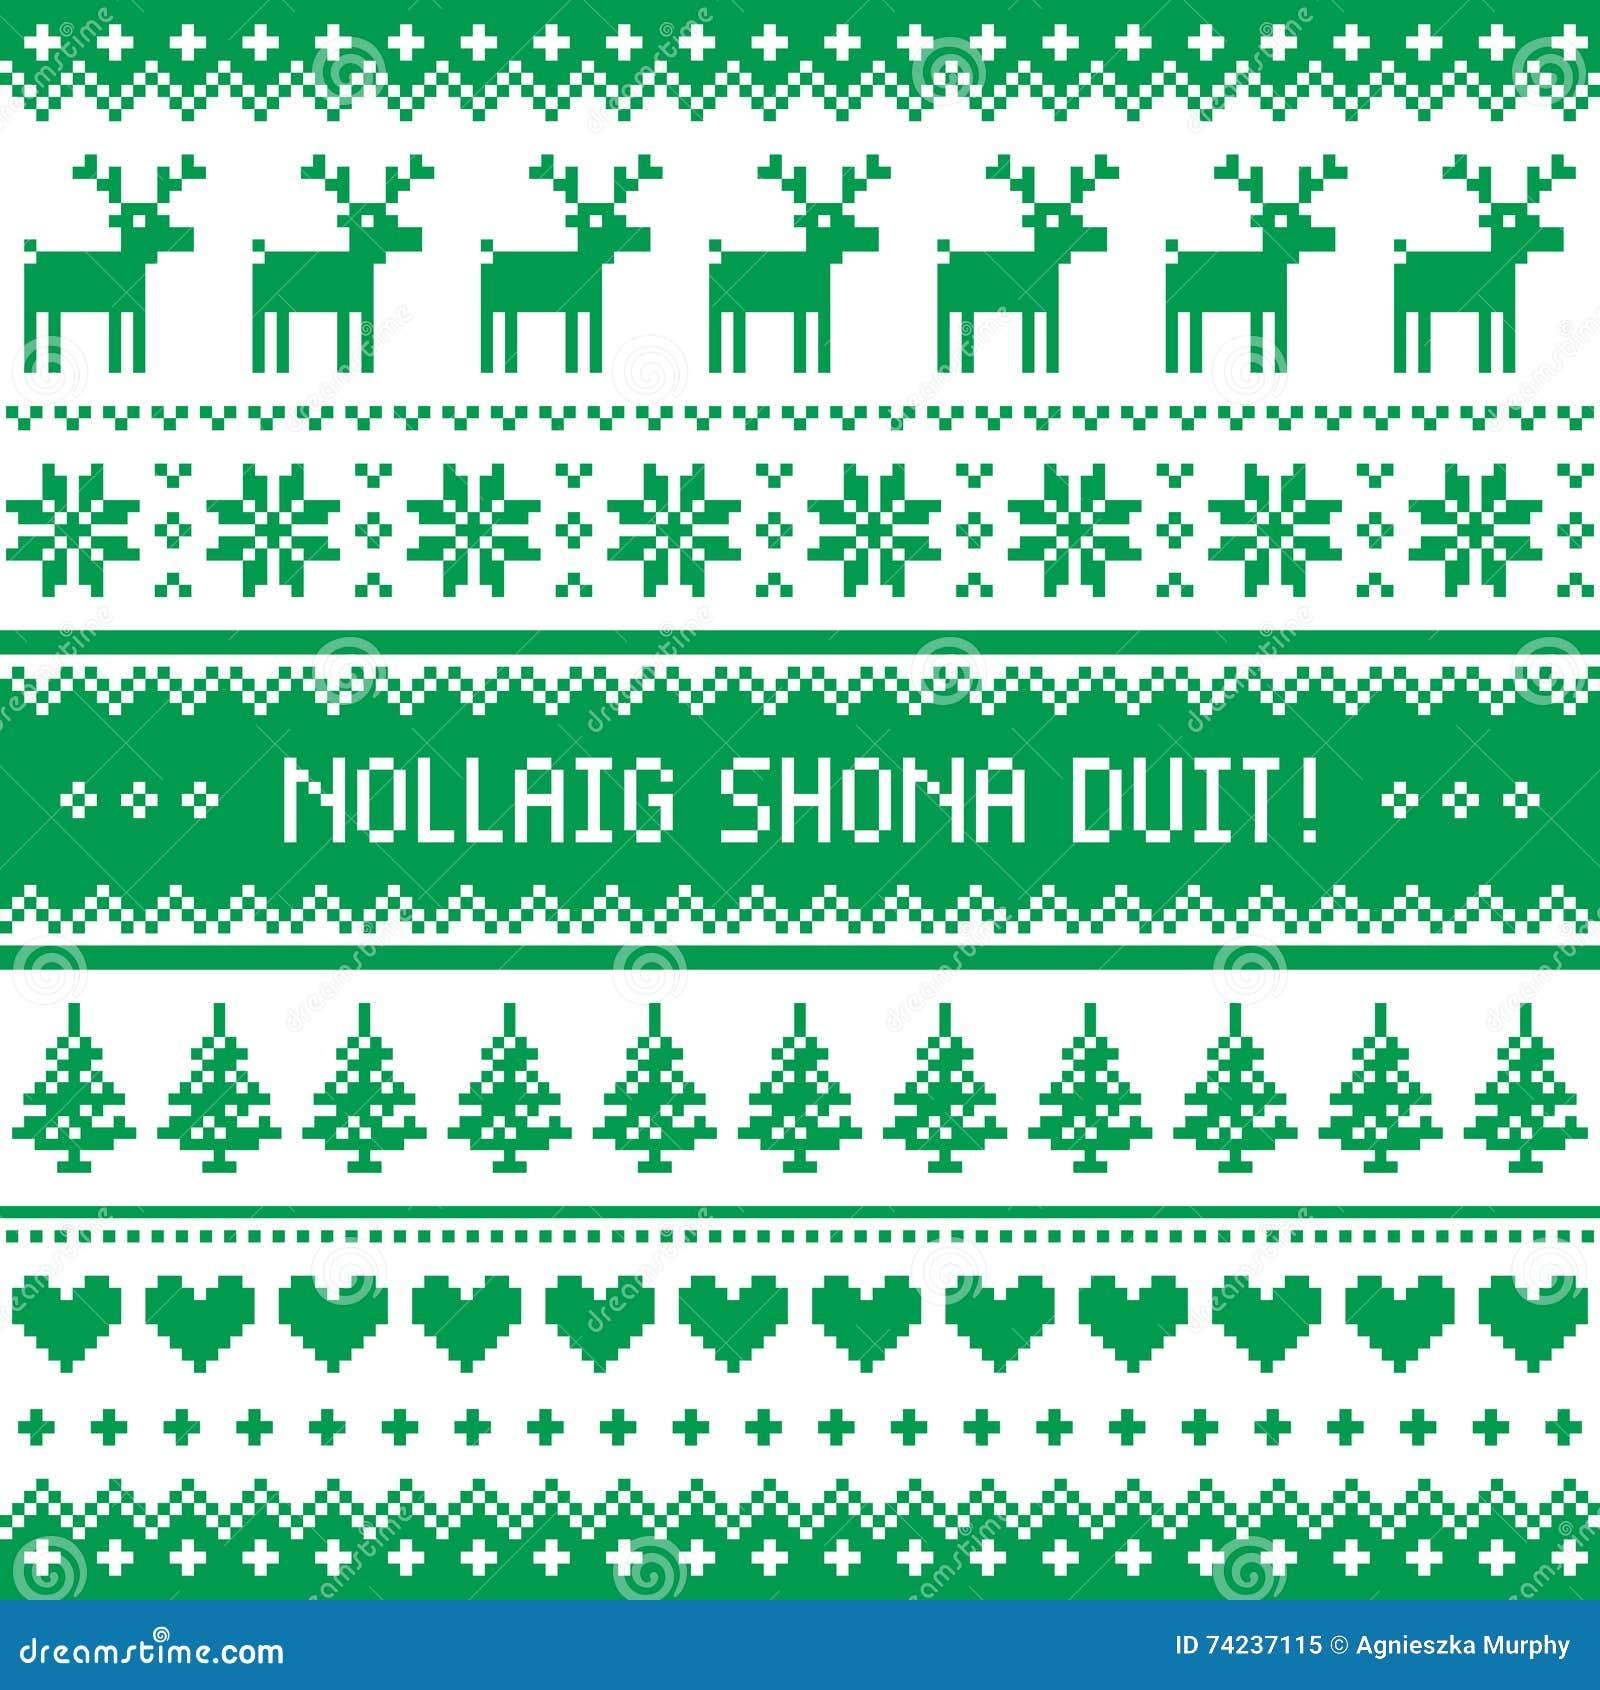 Frohe Weihnachten Irisch.Nollaig Shona Duit Frohe Weihnachten Im Irischen Muster Grußkarte